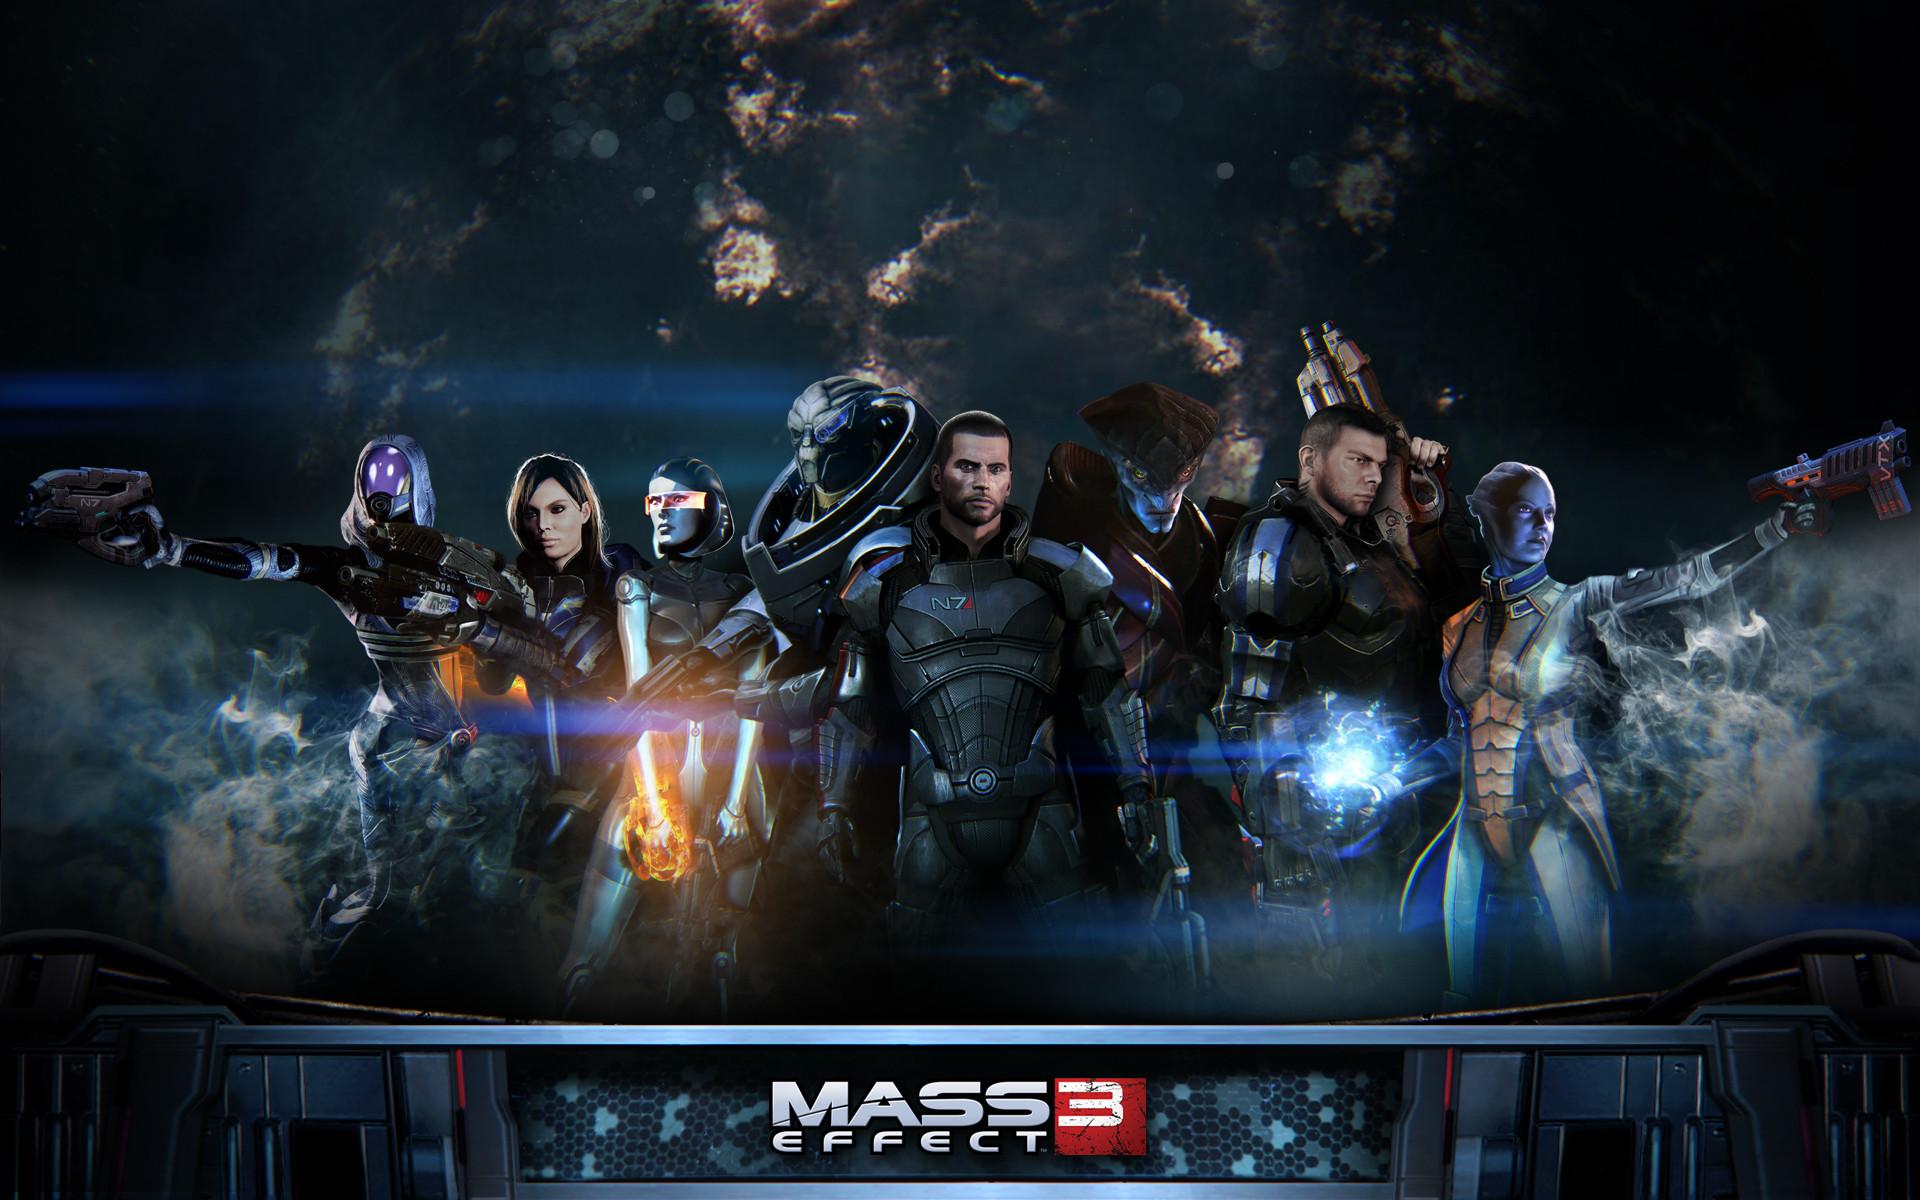 Mass Effect 3 Extended Cut